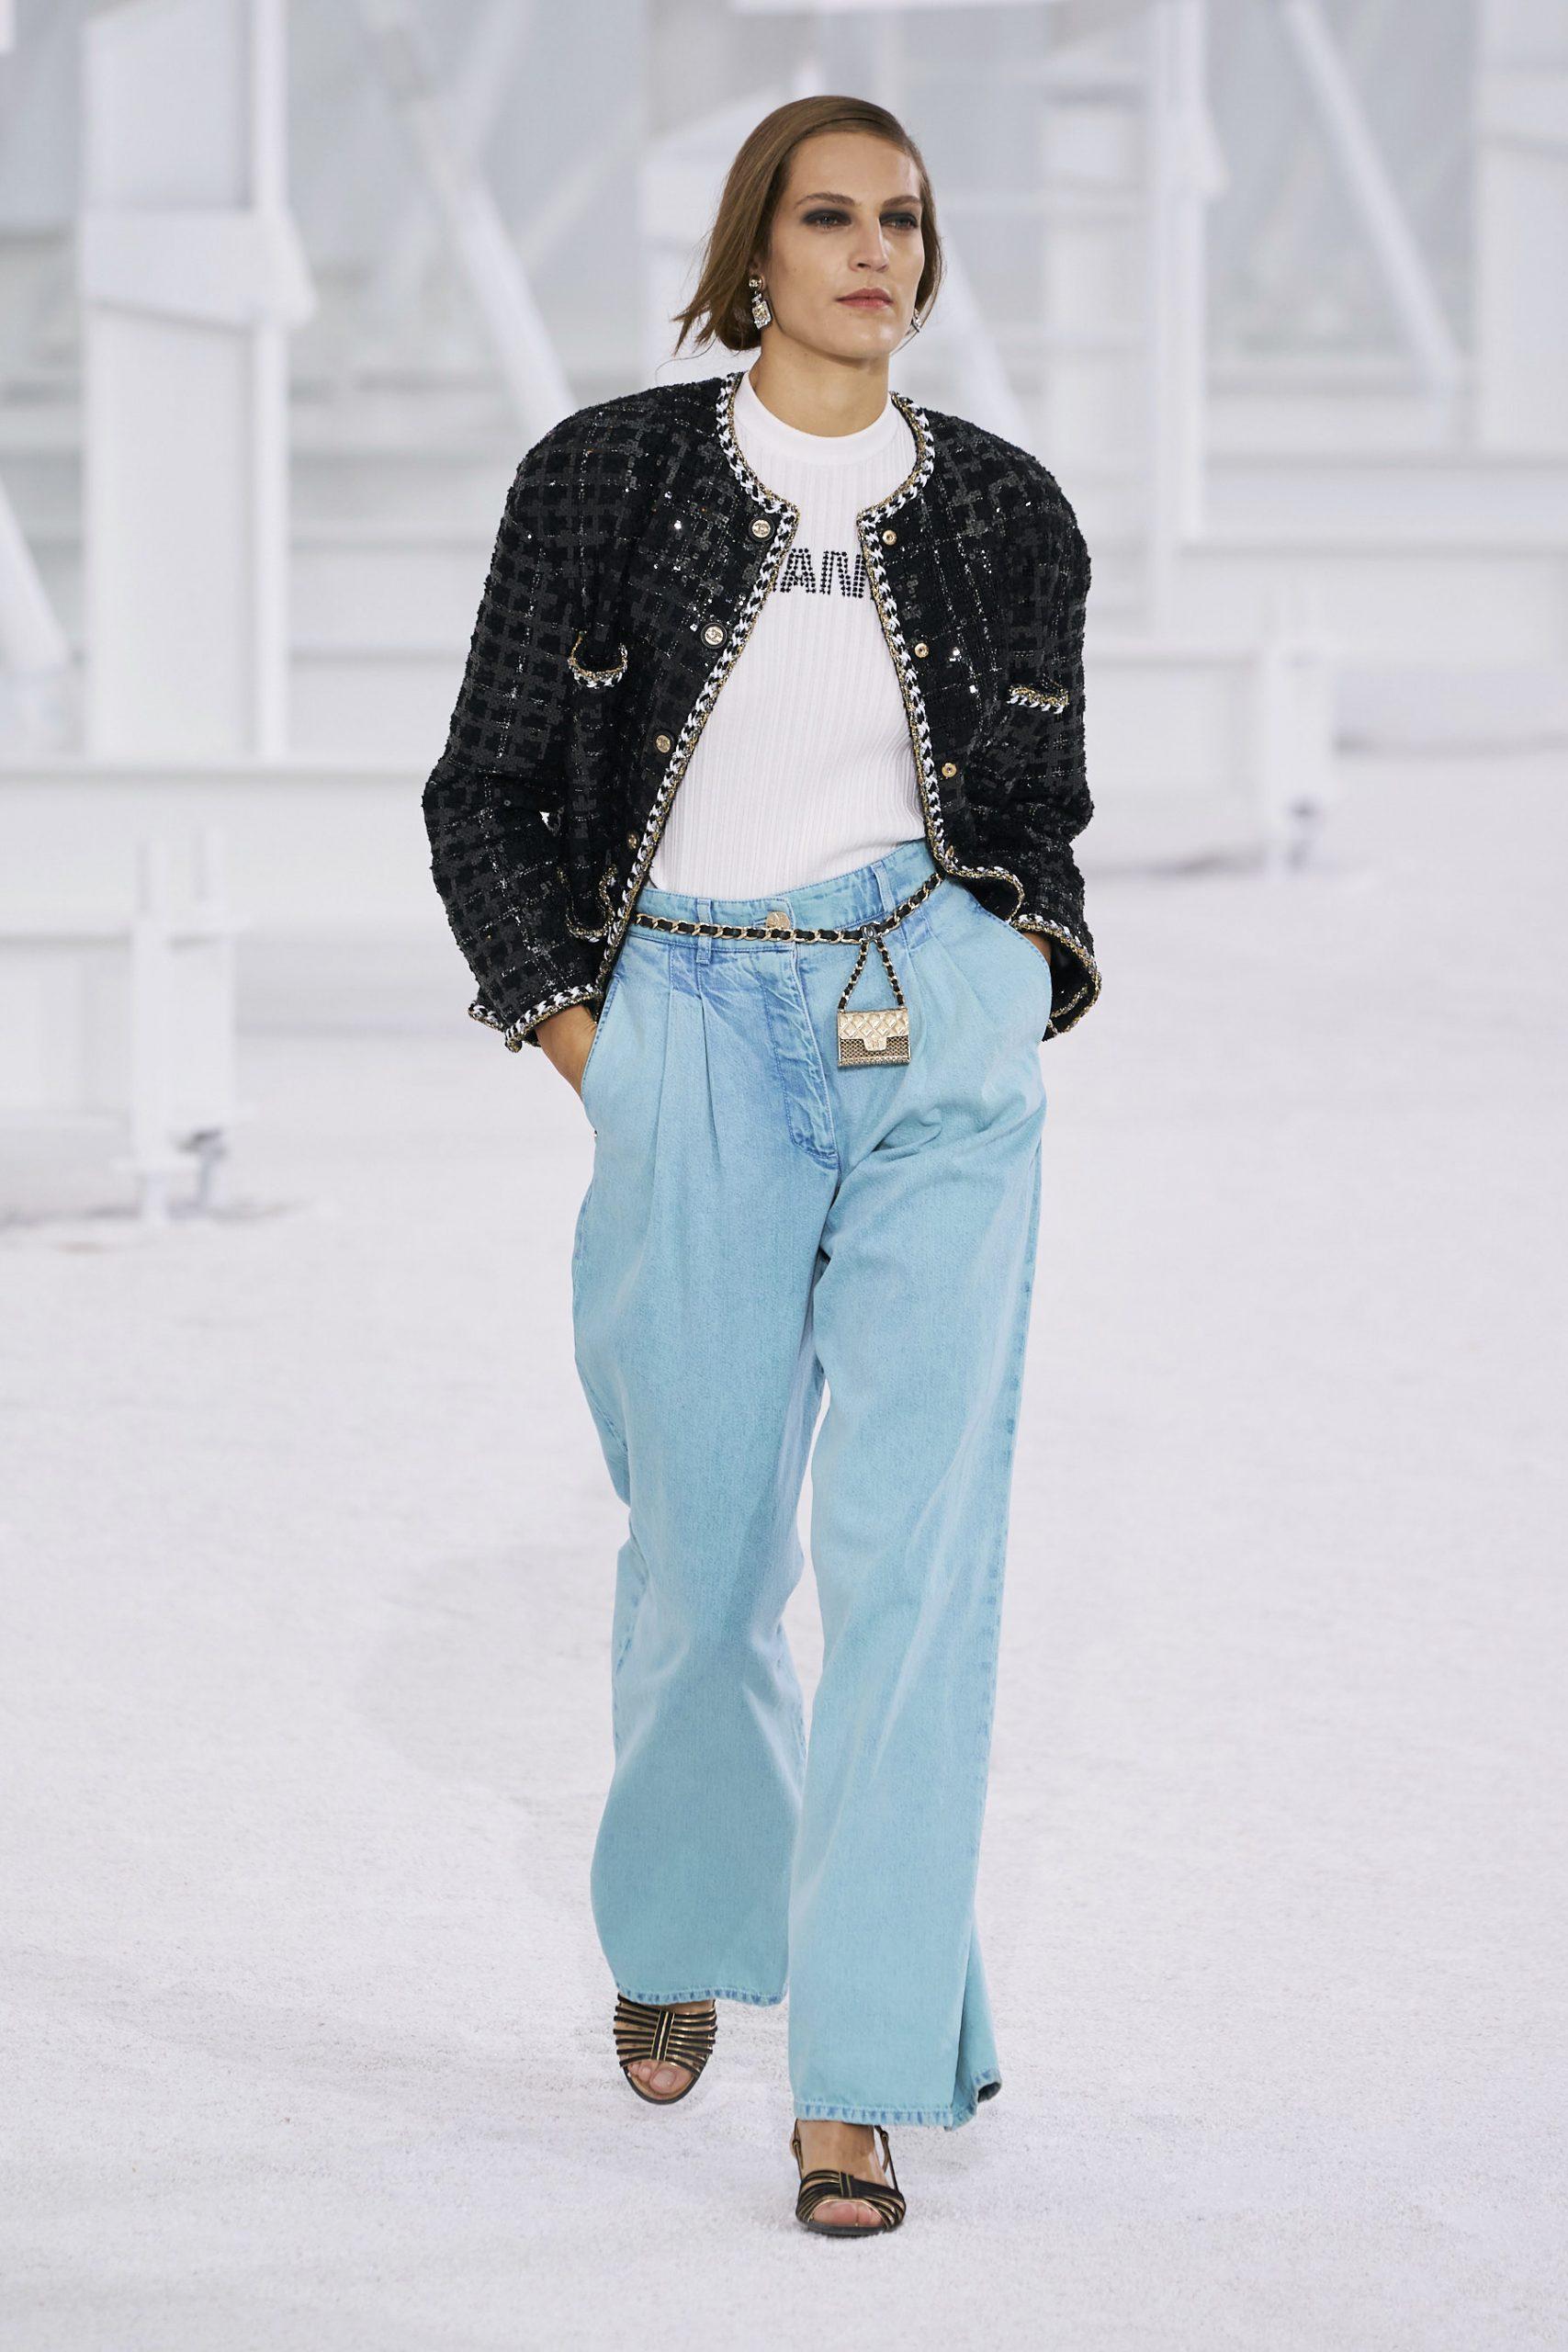 7. kép: Párizsi Divathét - Chanel - 2021 tavasz-nyár - ready to wear